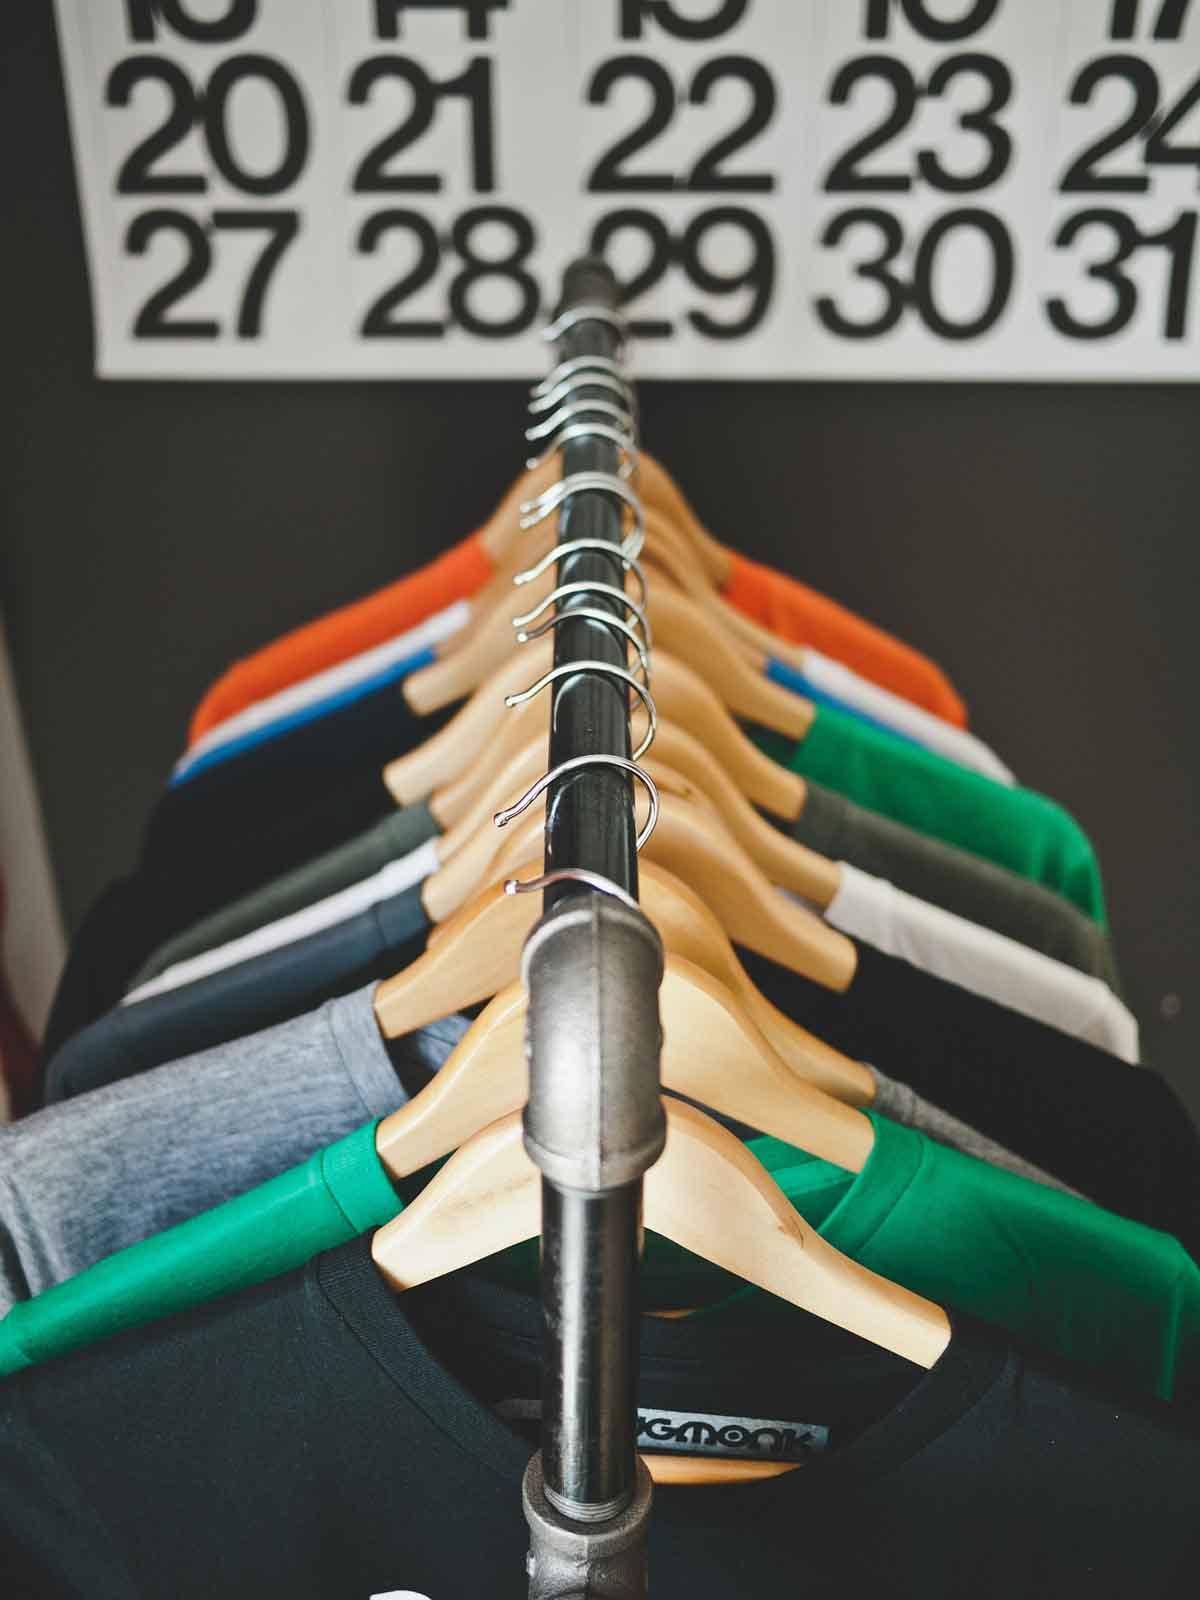 Kleiderschrank Bügel Shirts